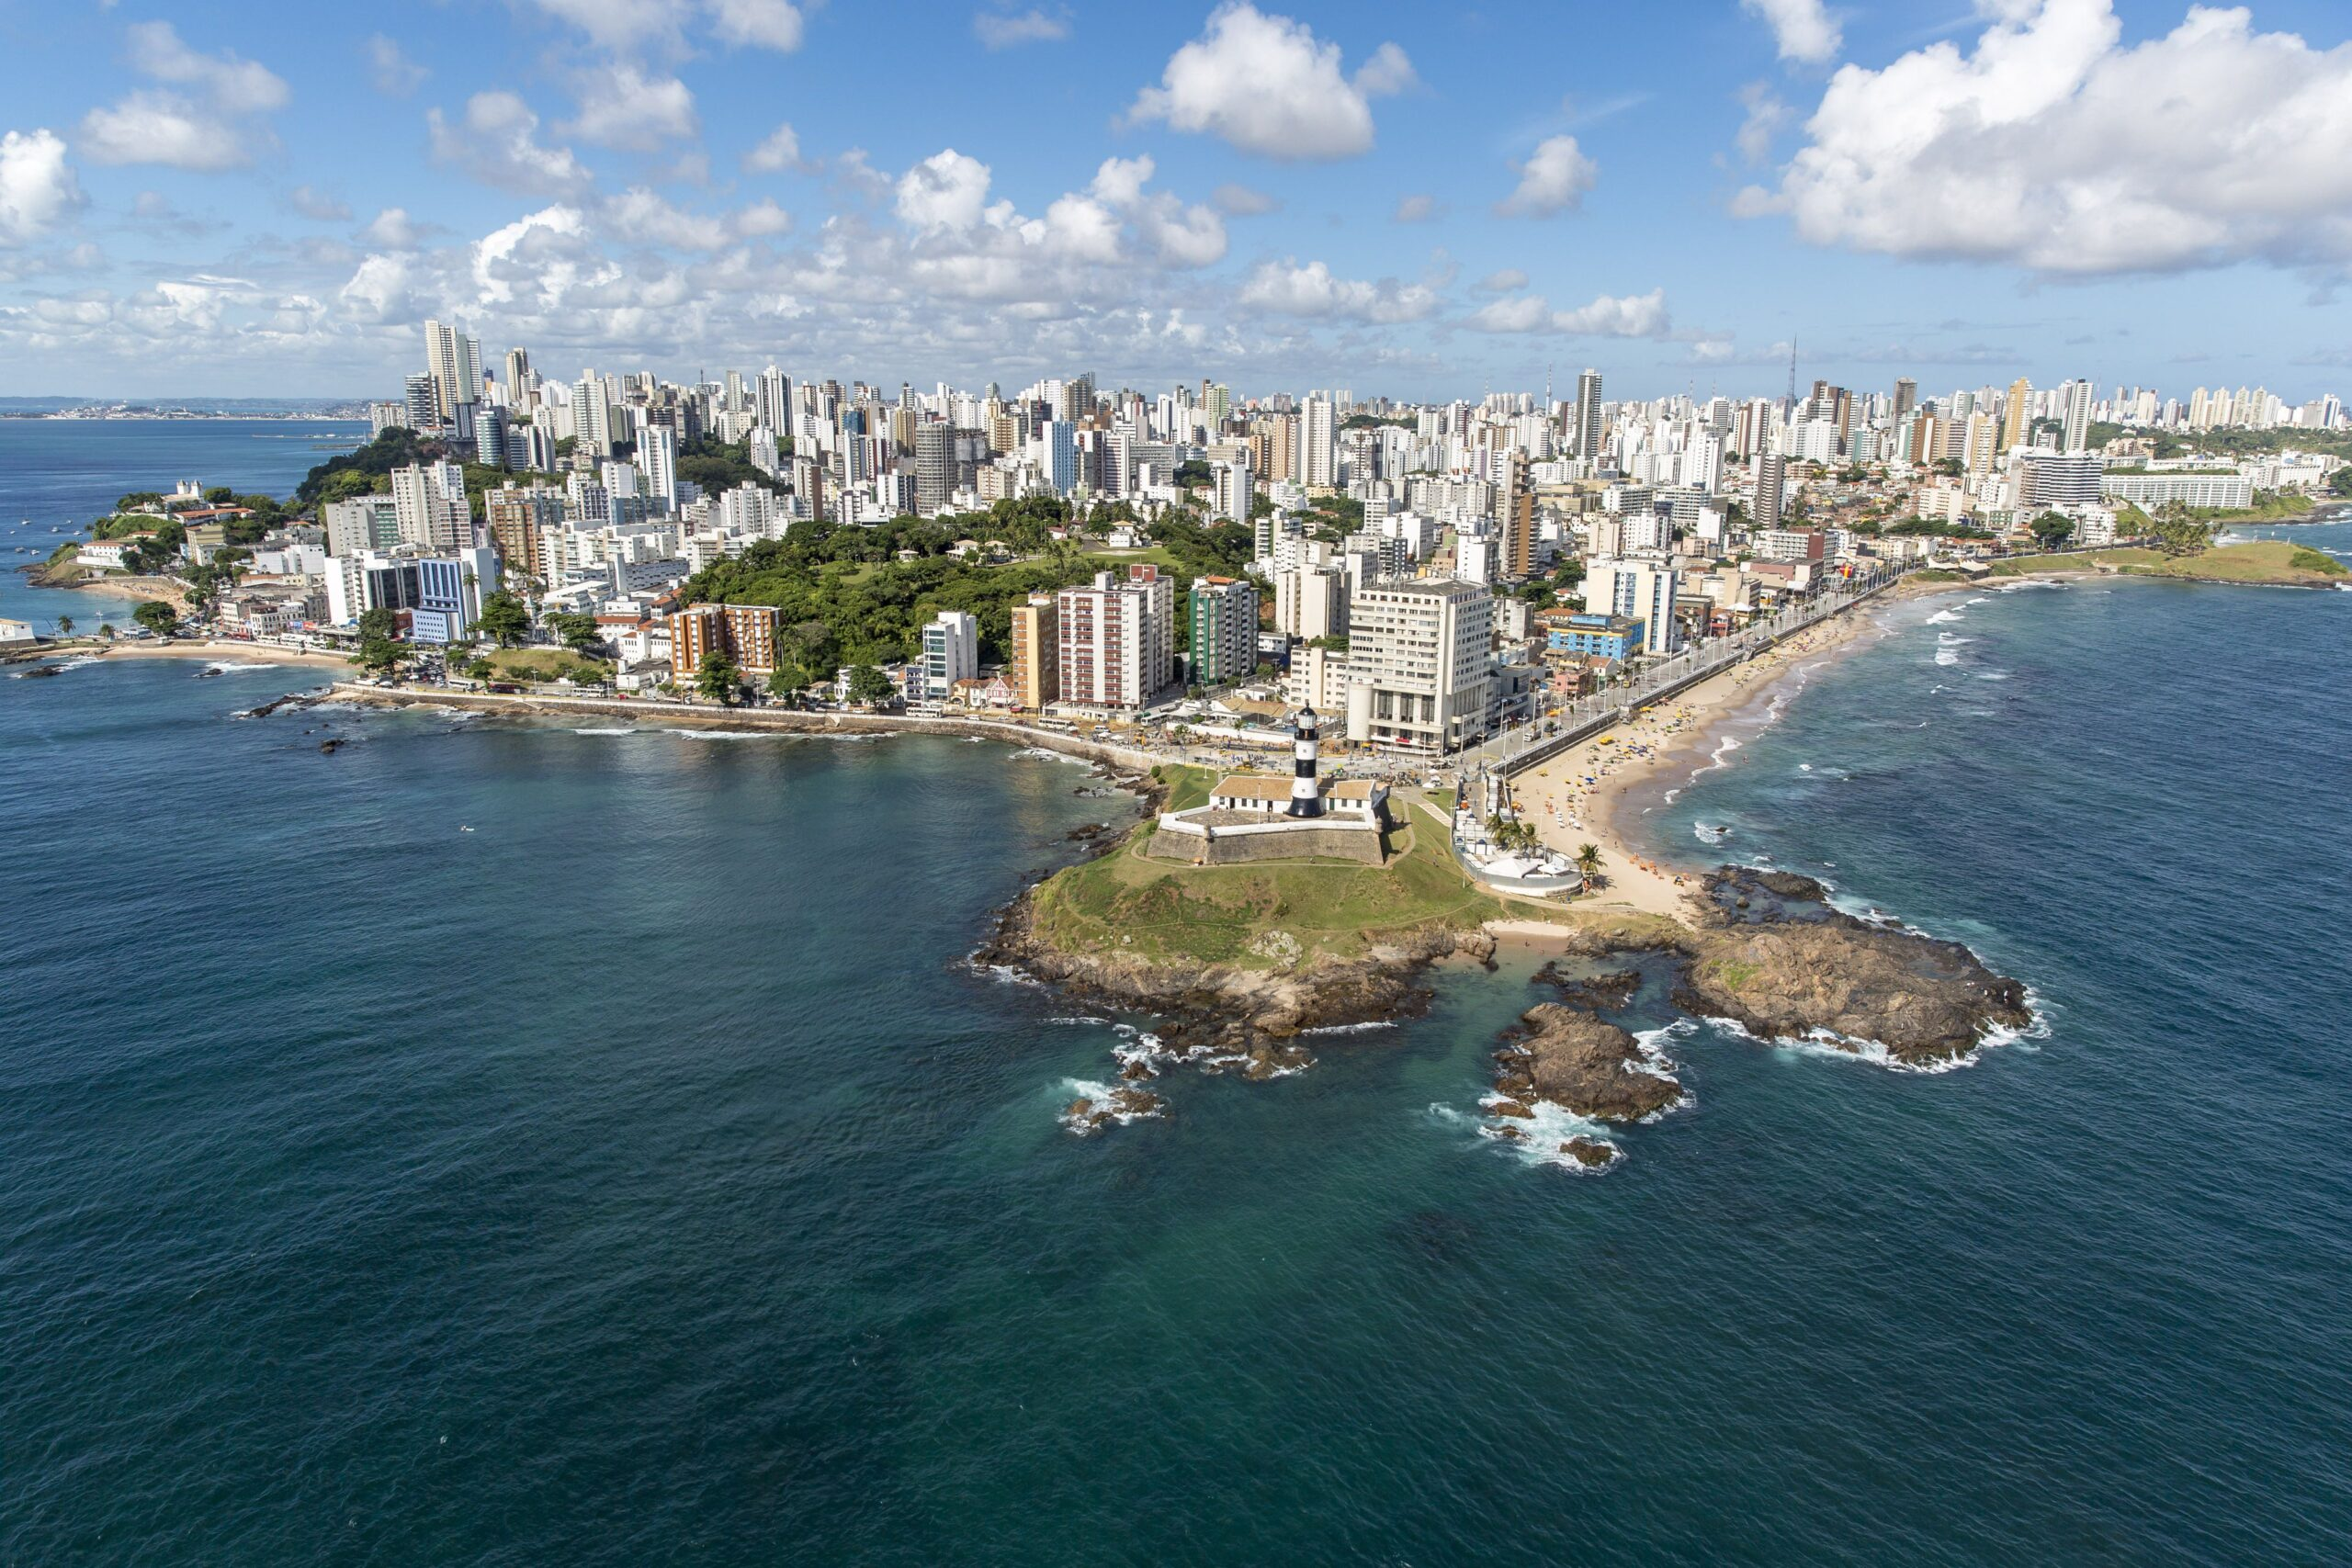 Salvador-BA: Terra do axé, acarajé e lugares lindos